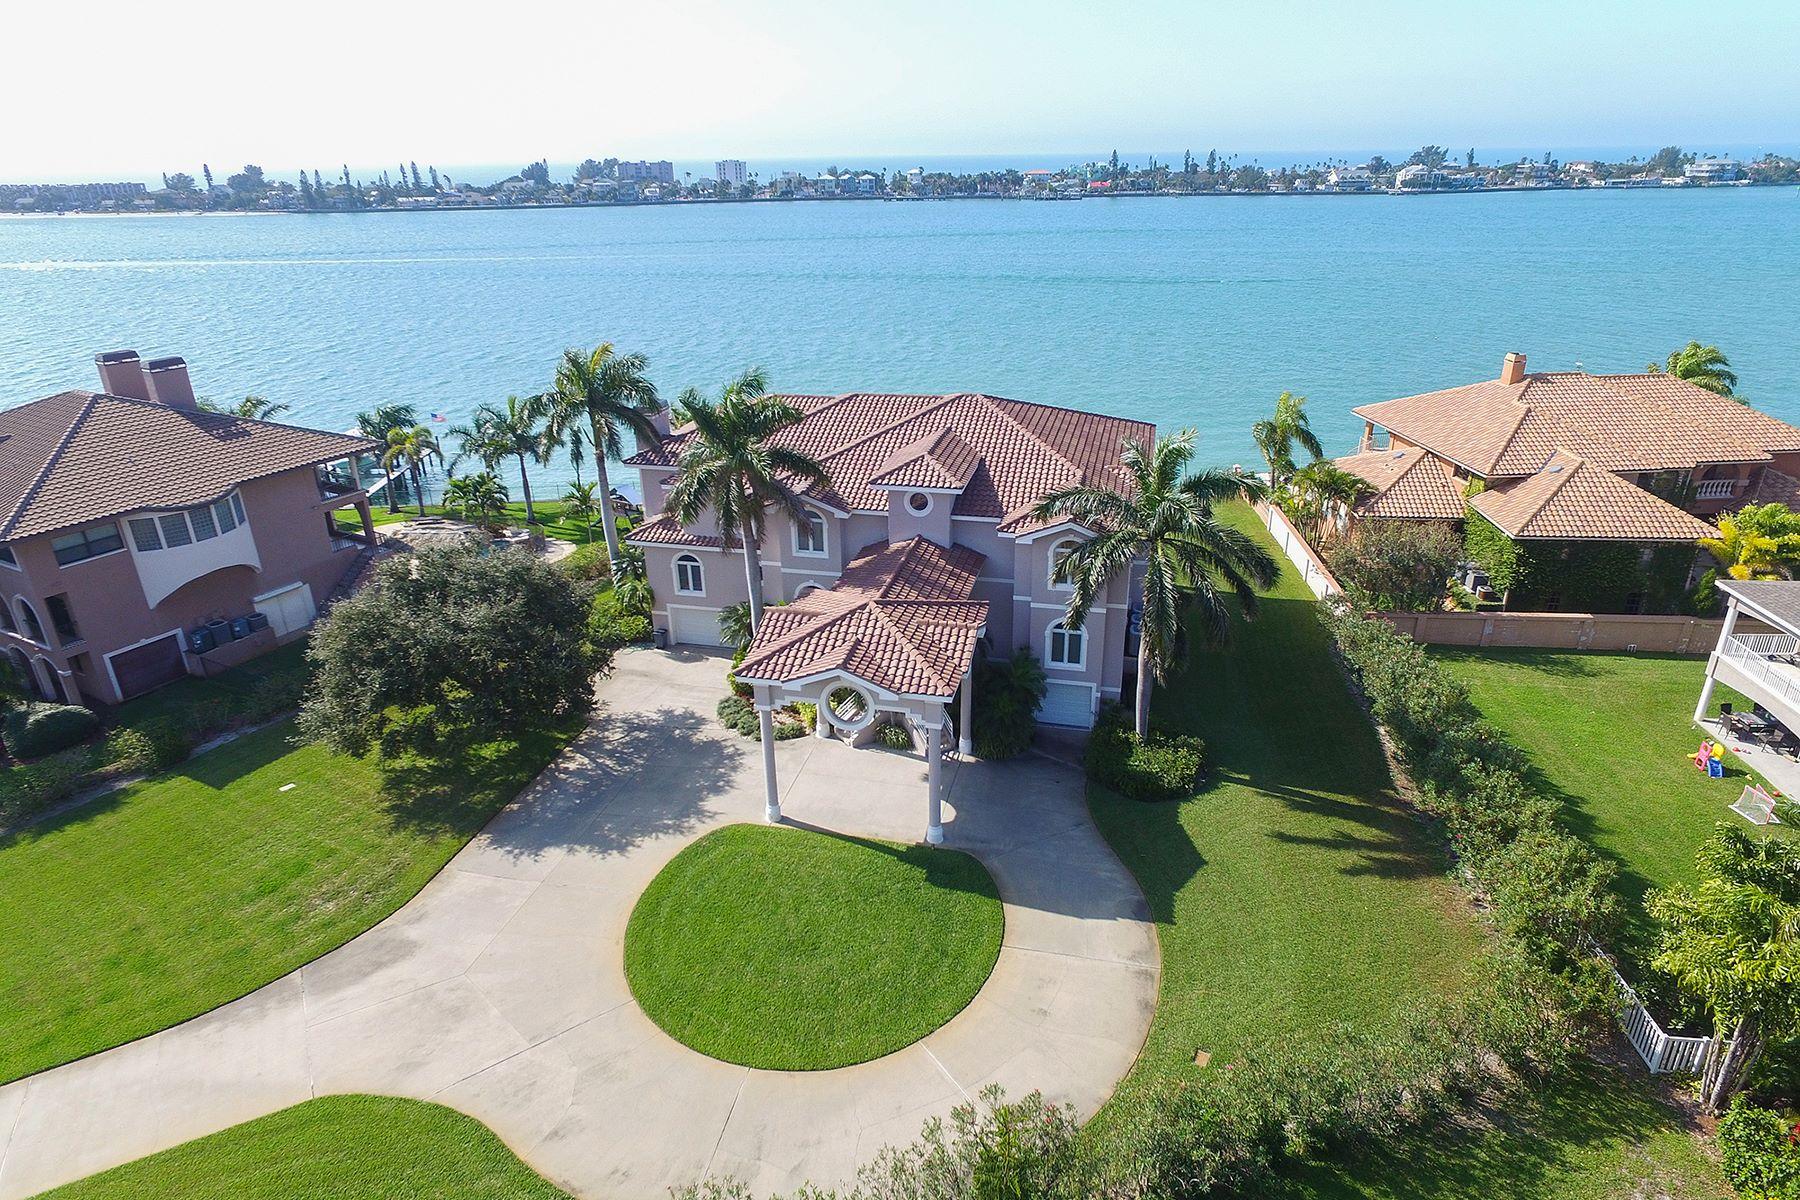 Maison unifamiliale pour l Vente à TIERRA VERDE 614 Columbus Dr Tierra Verde, Florida, 33715 États-Unis